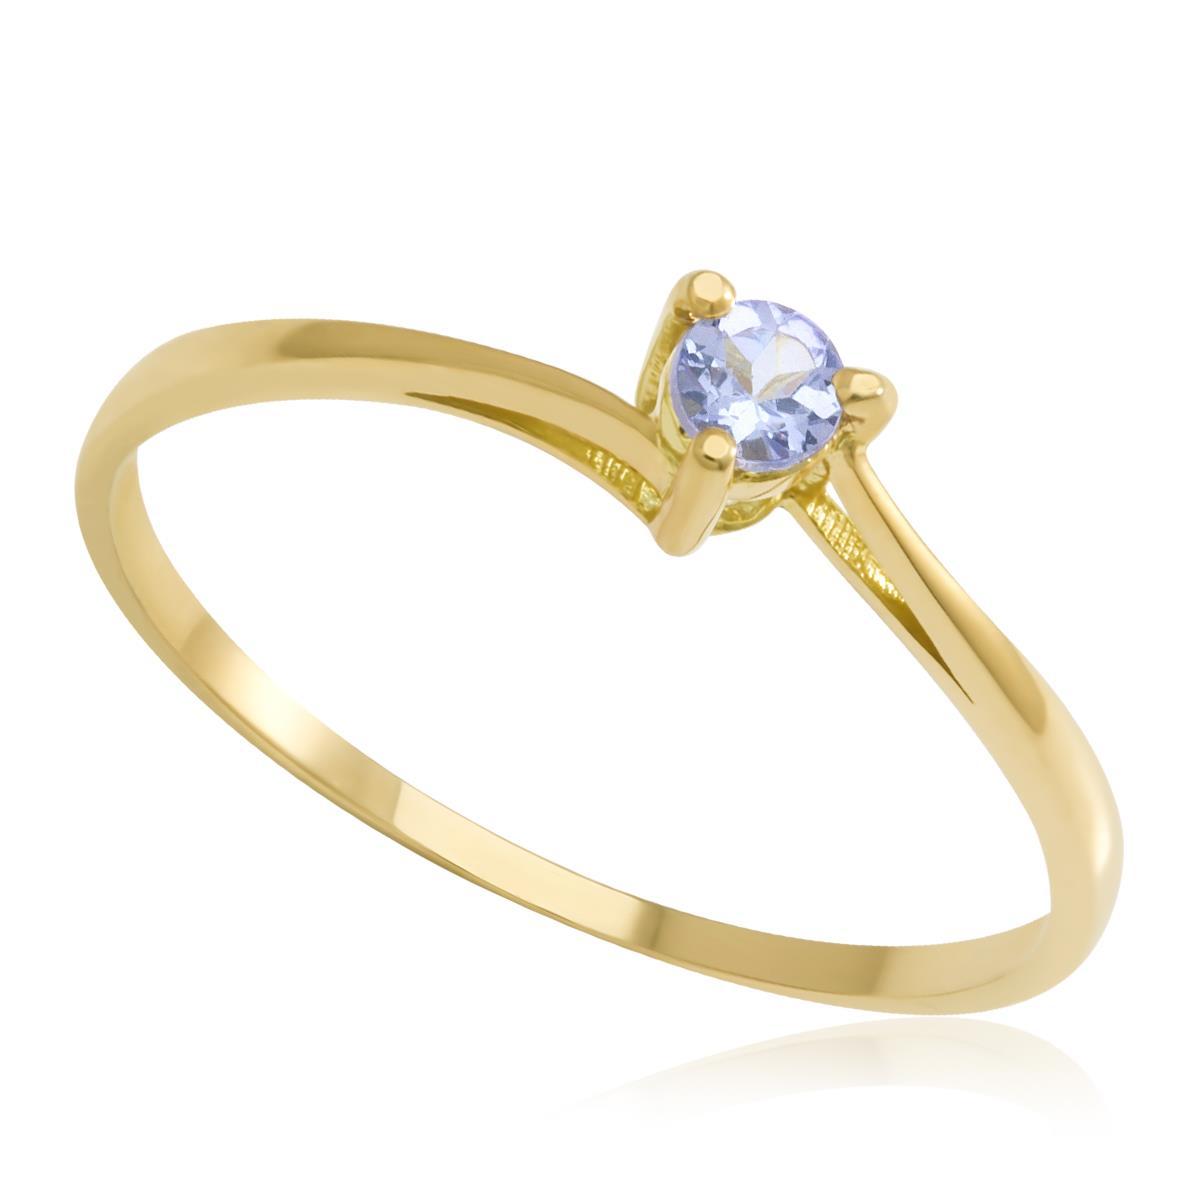 Anel de Ouro modelo Solitário com Tanzanita   Joias Vip d2901cfdc2